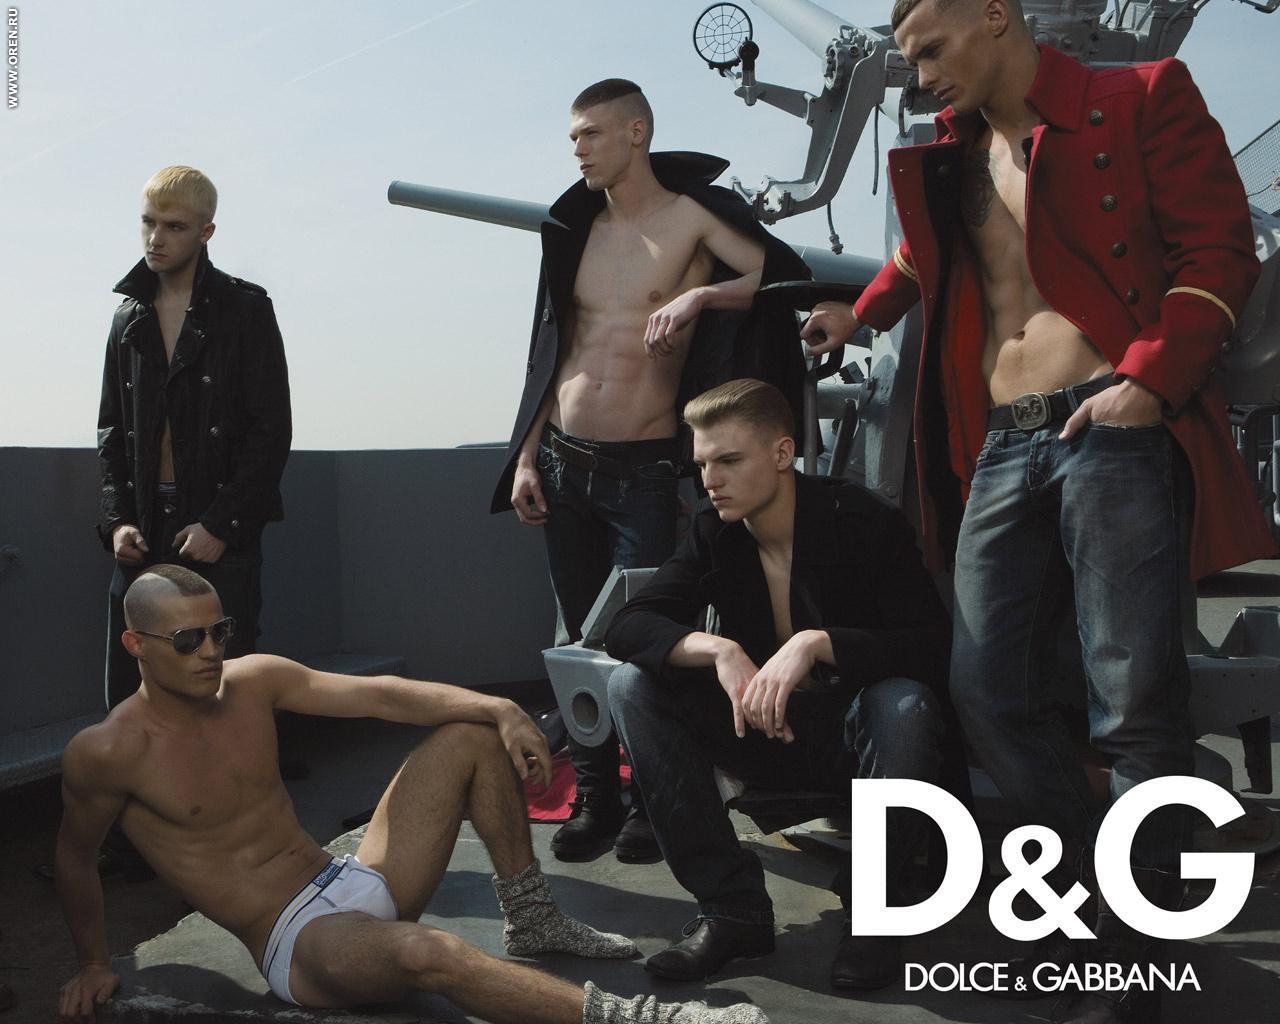 Парфюмерия и Косметика Dolce & Gabbana (Дольче Габбана) для вас магазине...